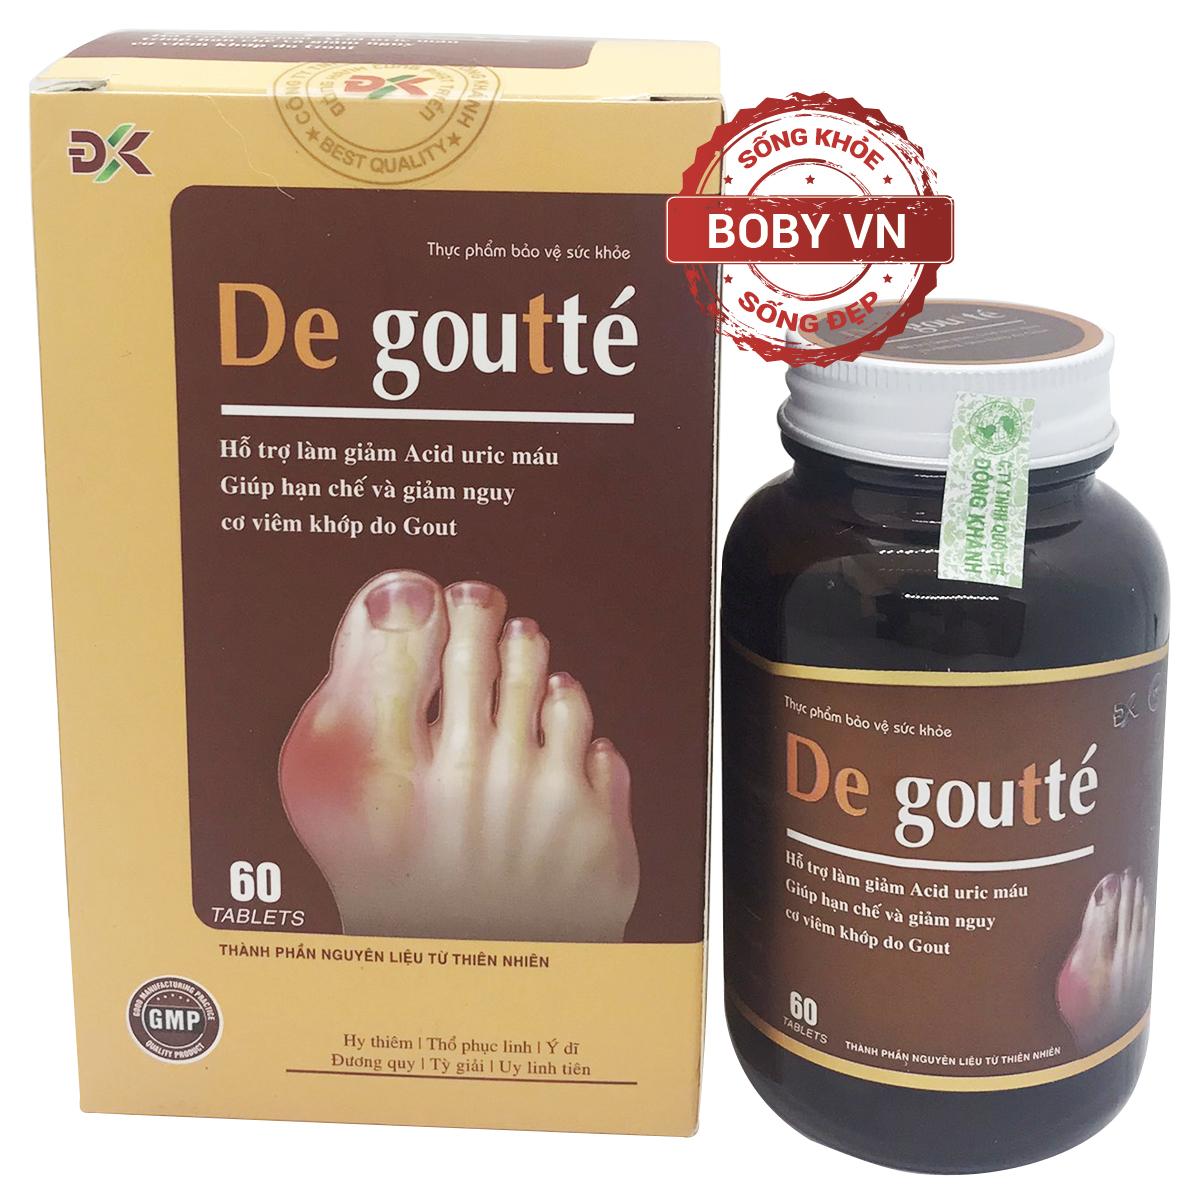 De goutte hỗ trợ làm giảm Acid uric máu, giúp hạn chế và giảm nguy cơ viêm khớp do Gout